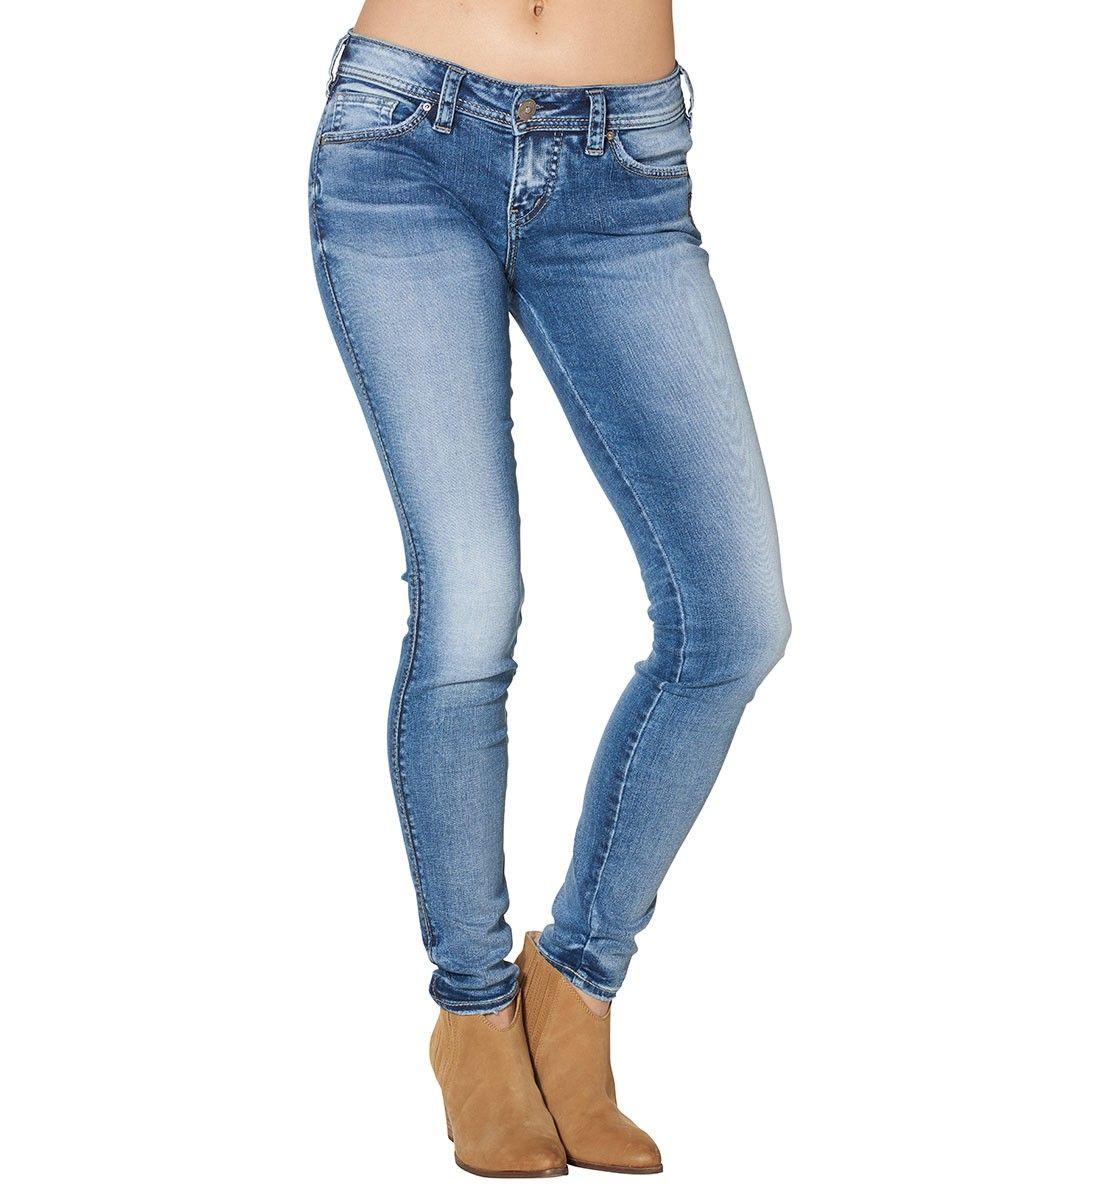 166b25ee9bb Aiko mid rise dark wash super skinny womens jeans.  SilverJeans ...